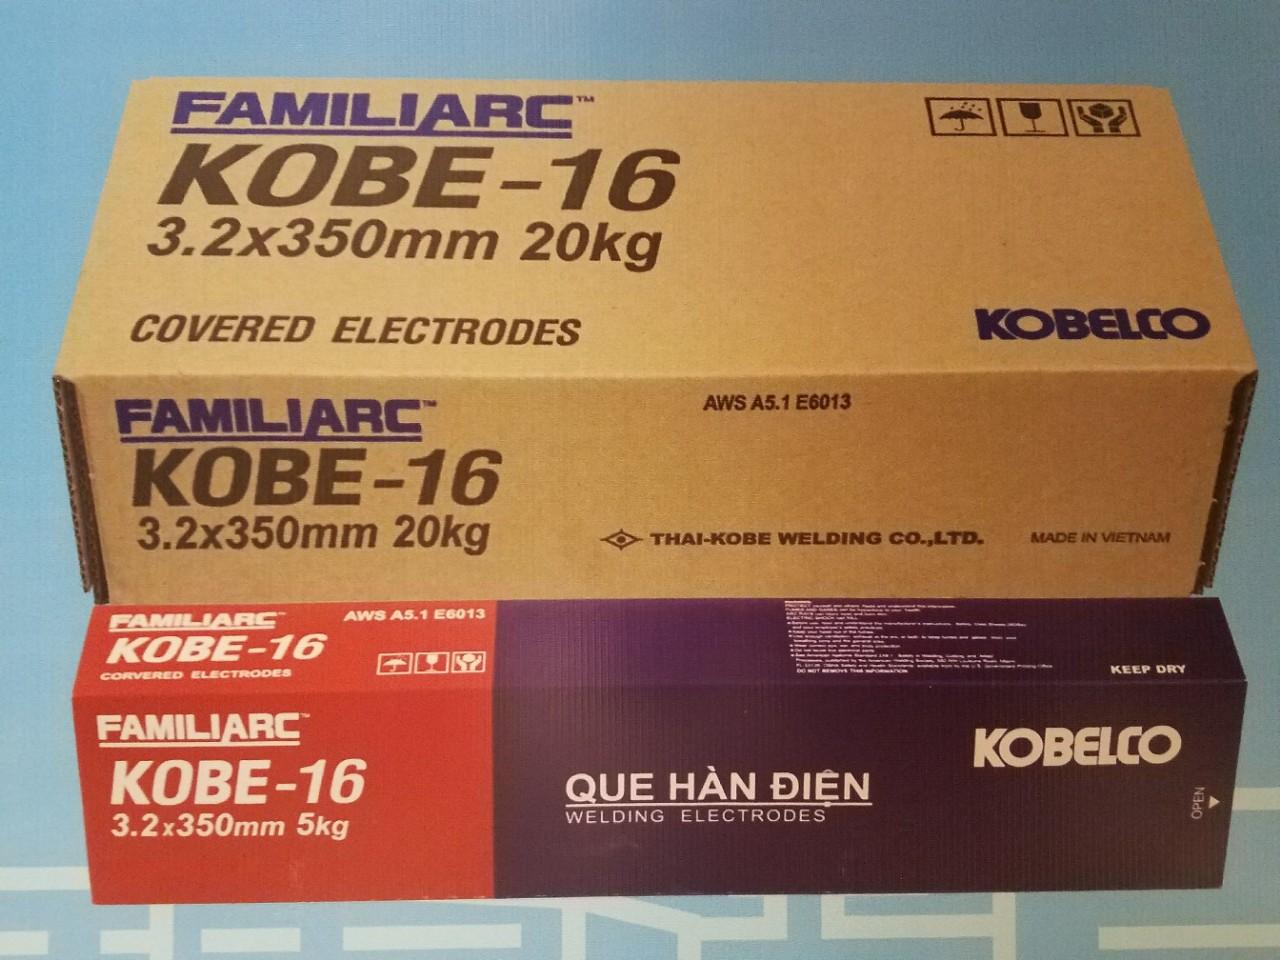 KOBE-16